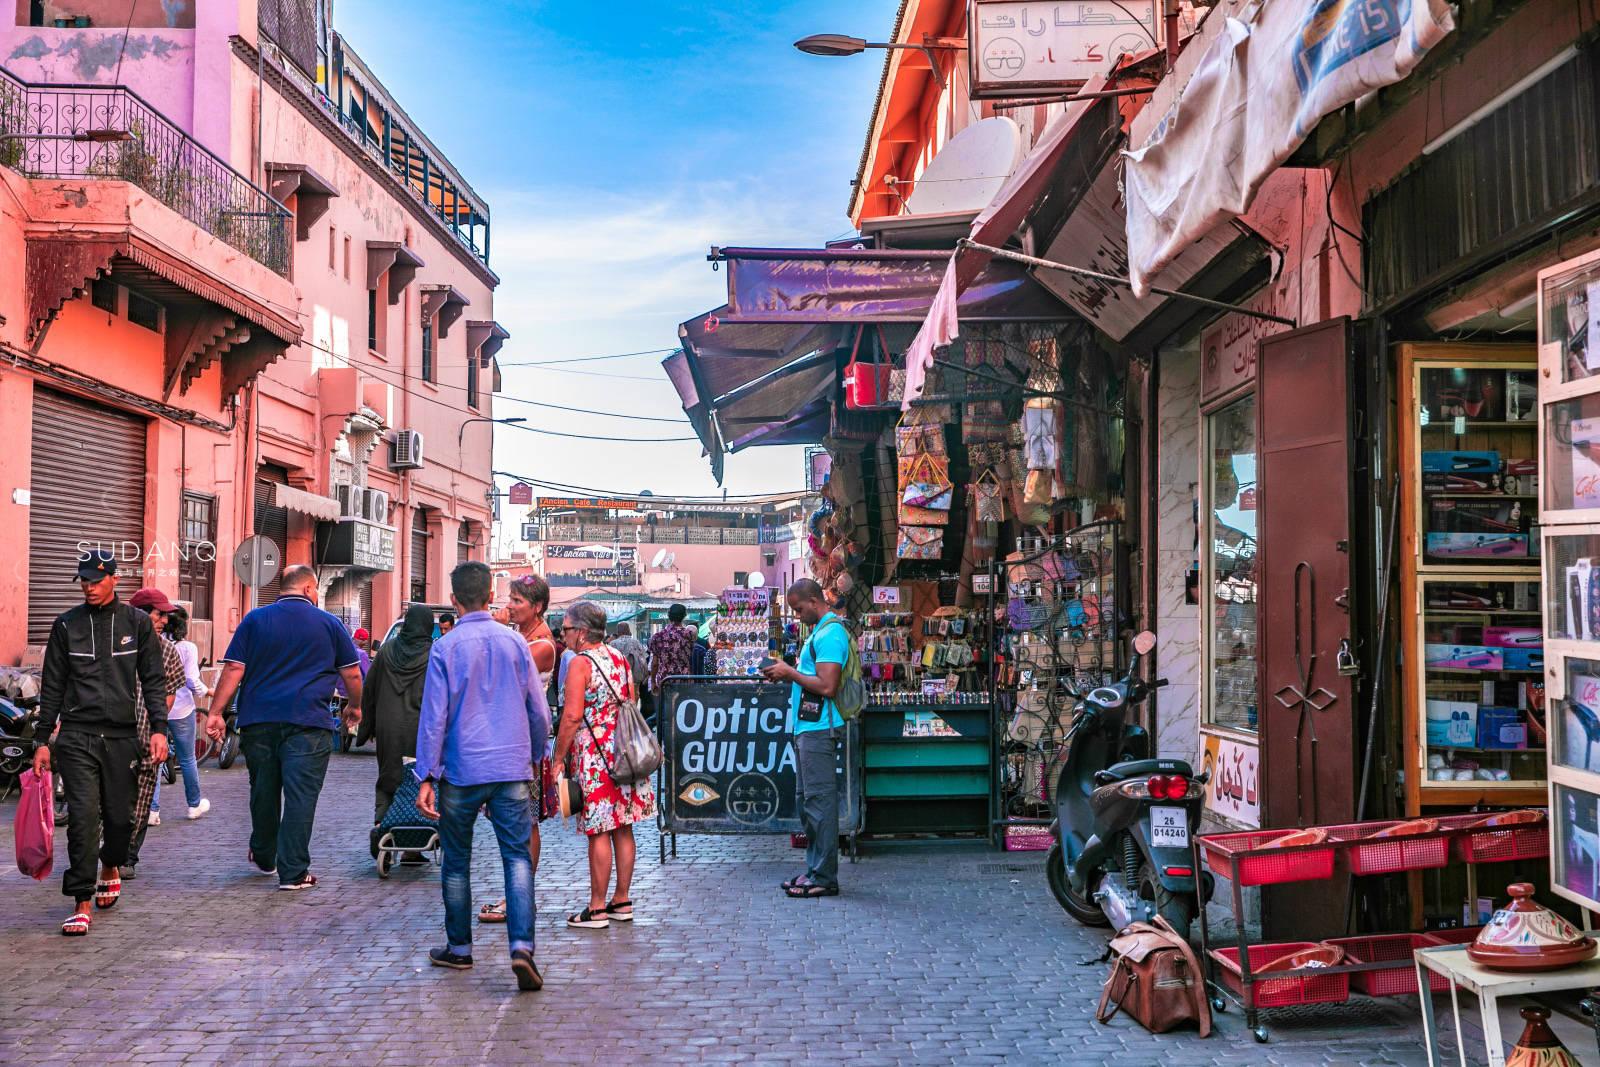 原创 这个非洲国家的历史古城,风情又迷人,媲美中国的新疆喀什